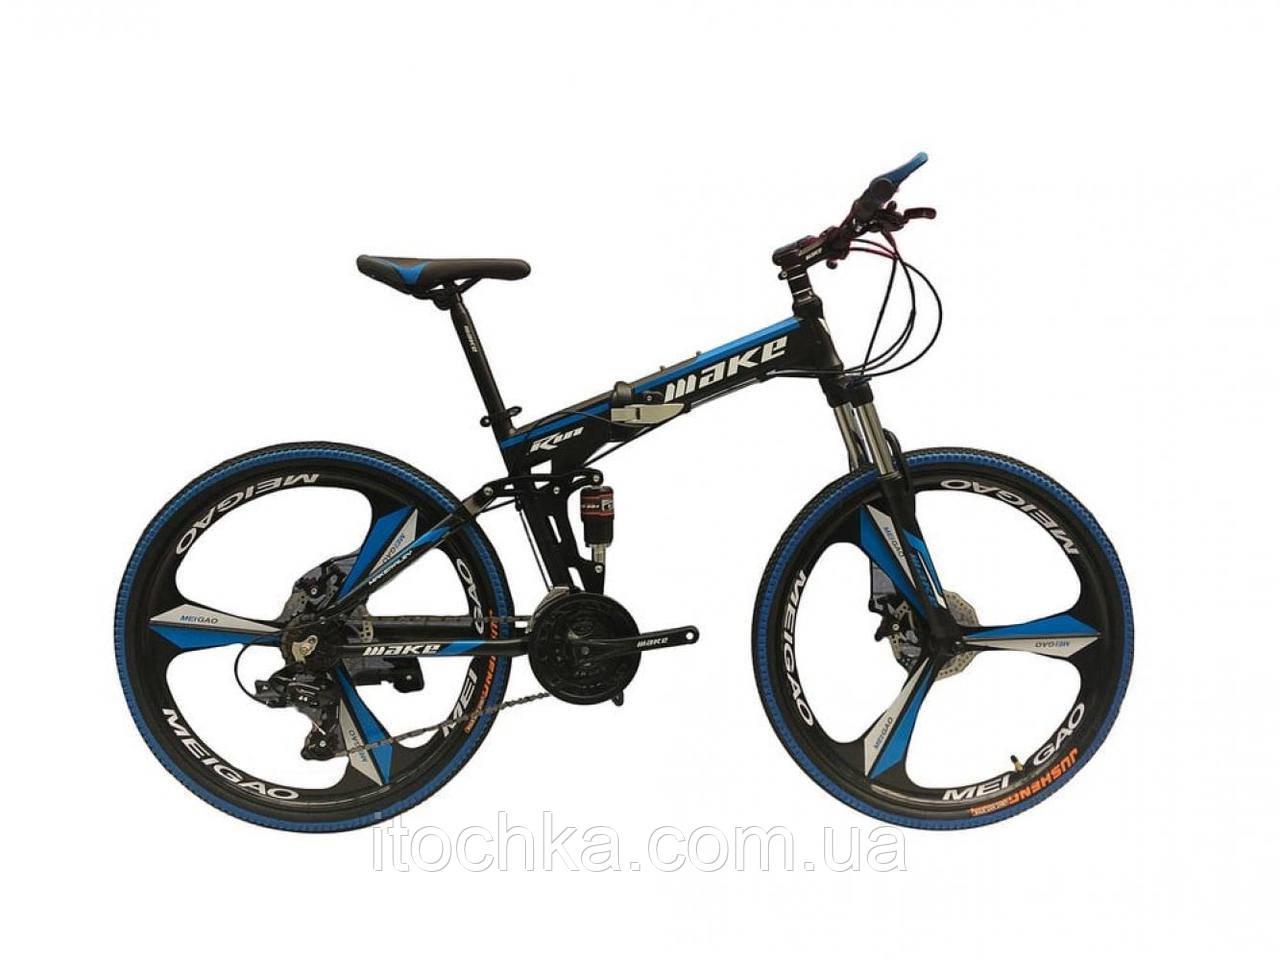 Велосипед со складной рамой 26